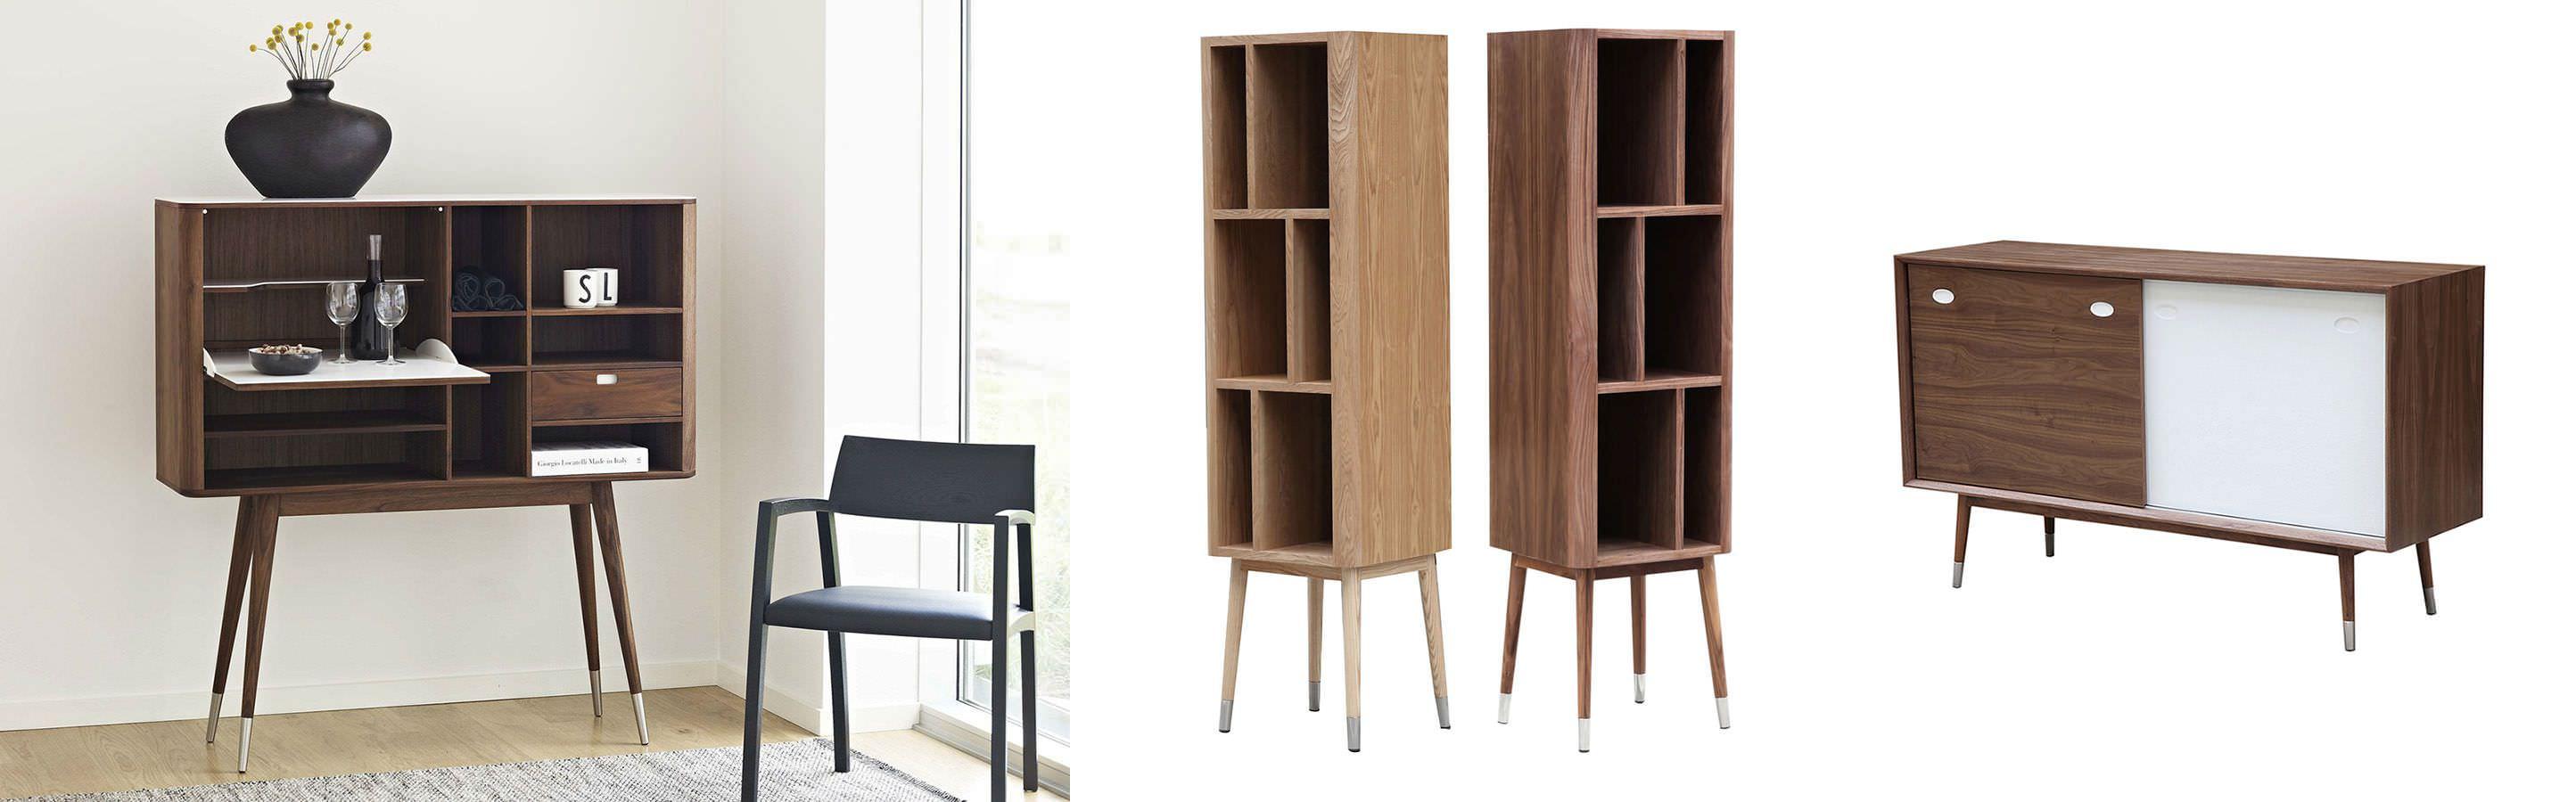 Nissen & Gehl's Mid Century Modern Cabinet